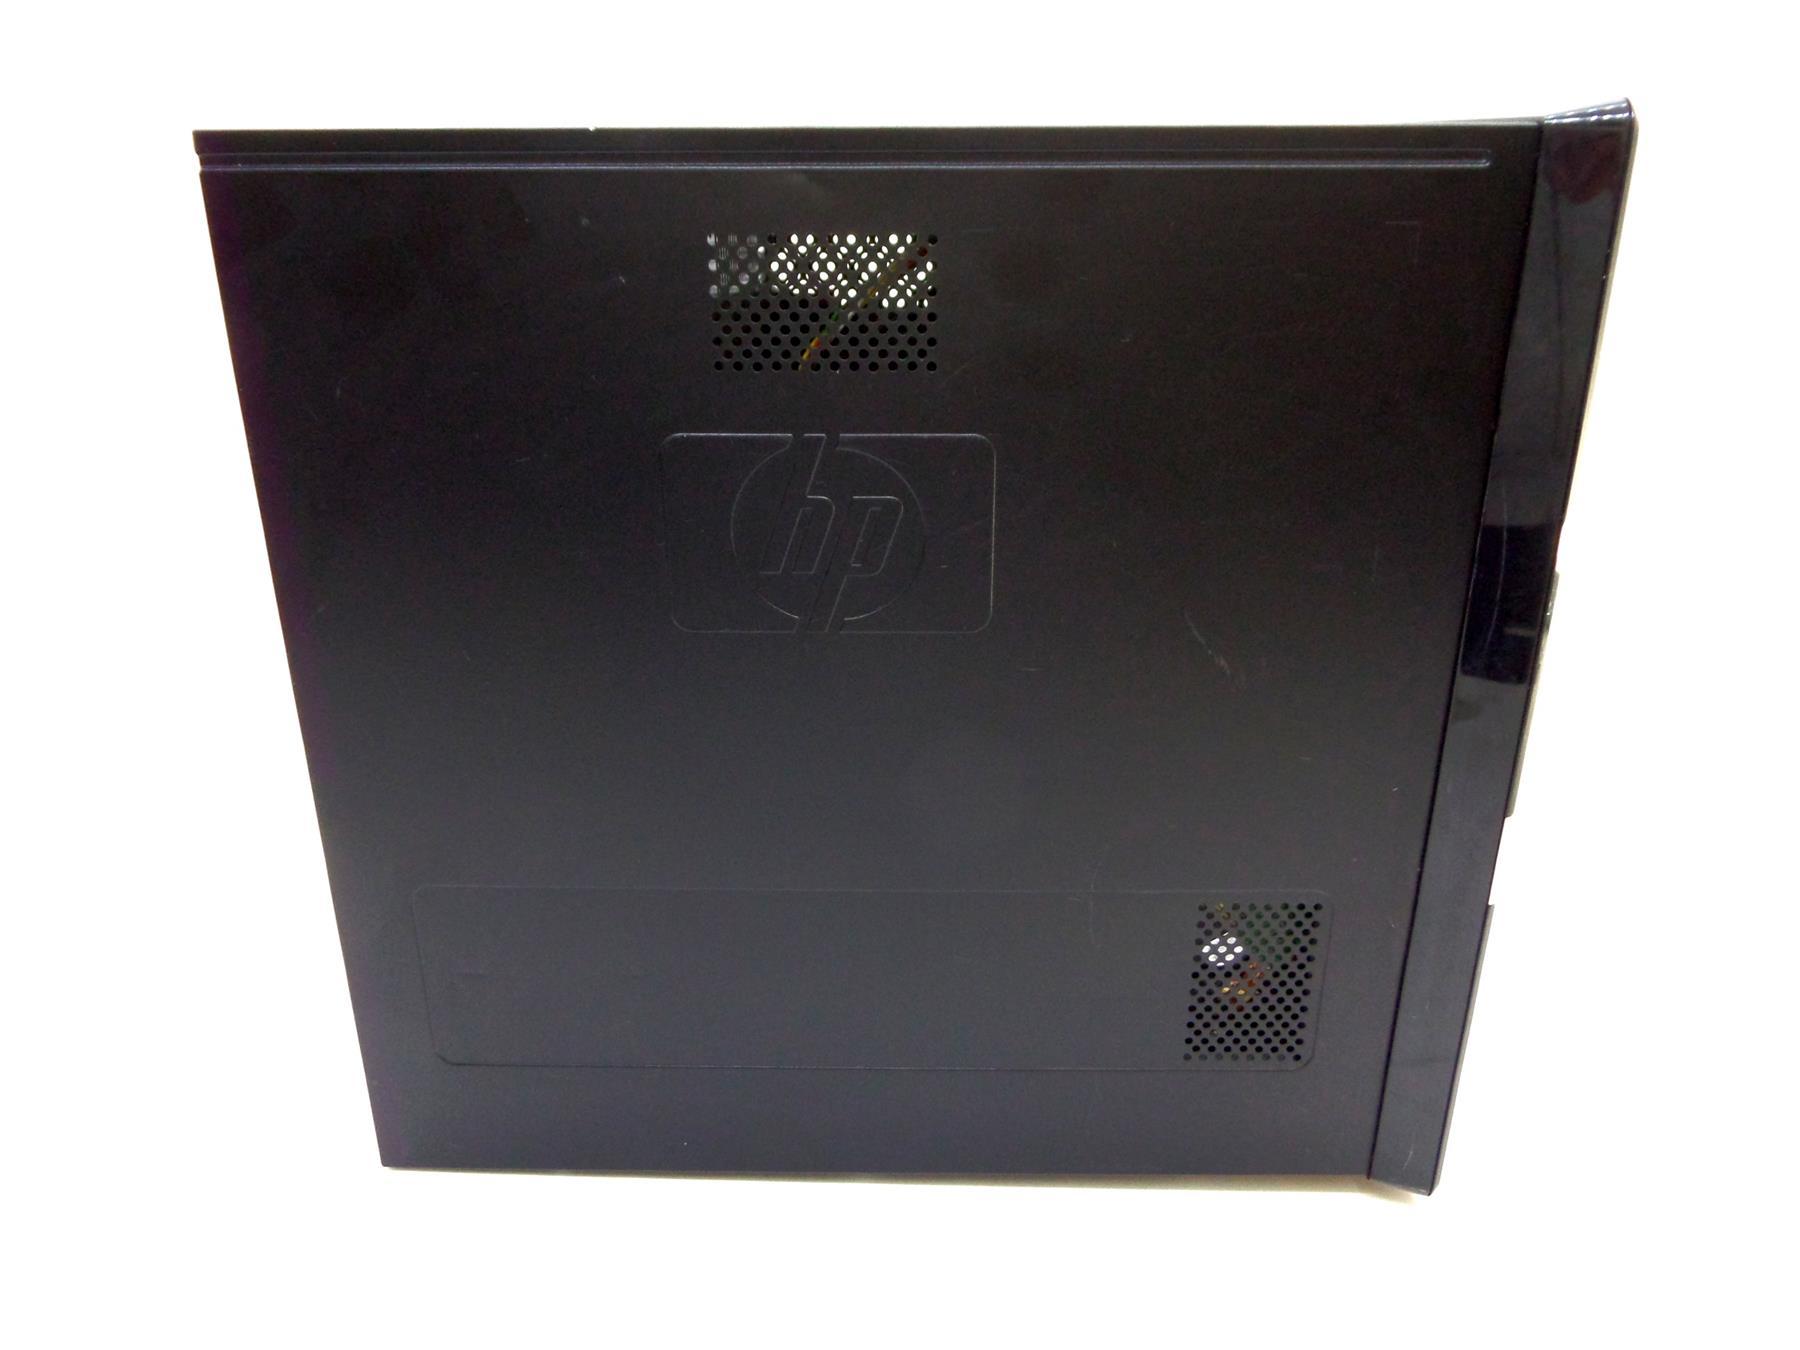 DRIVER UPDATE: HP 3120 MT